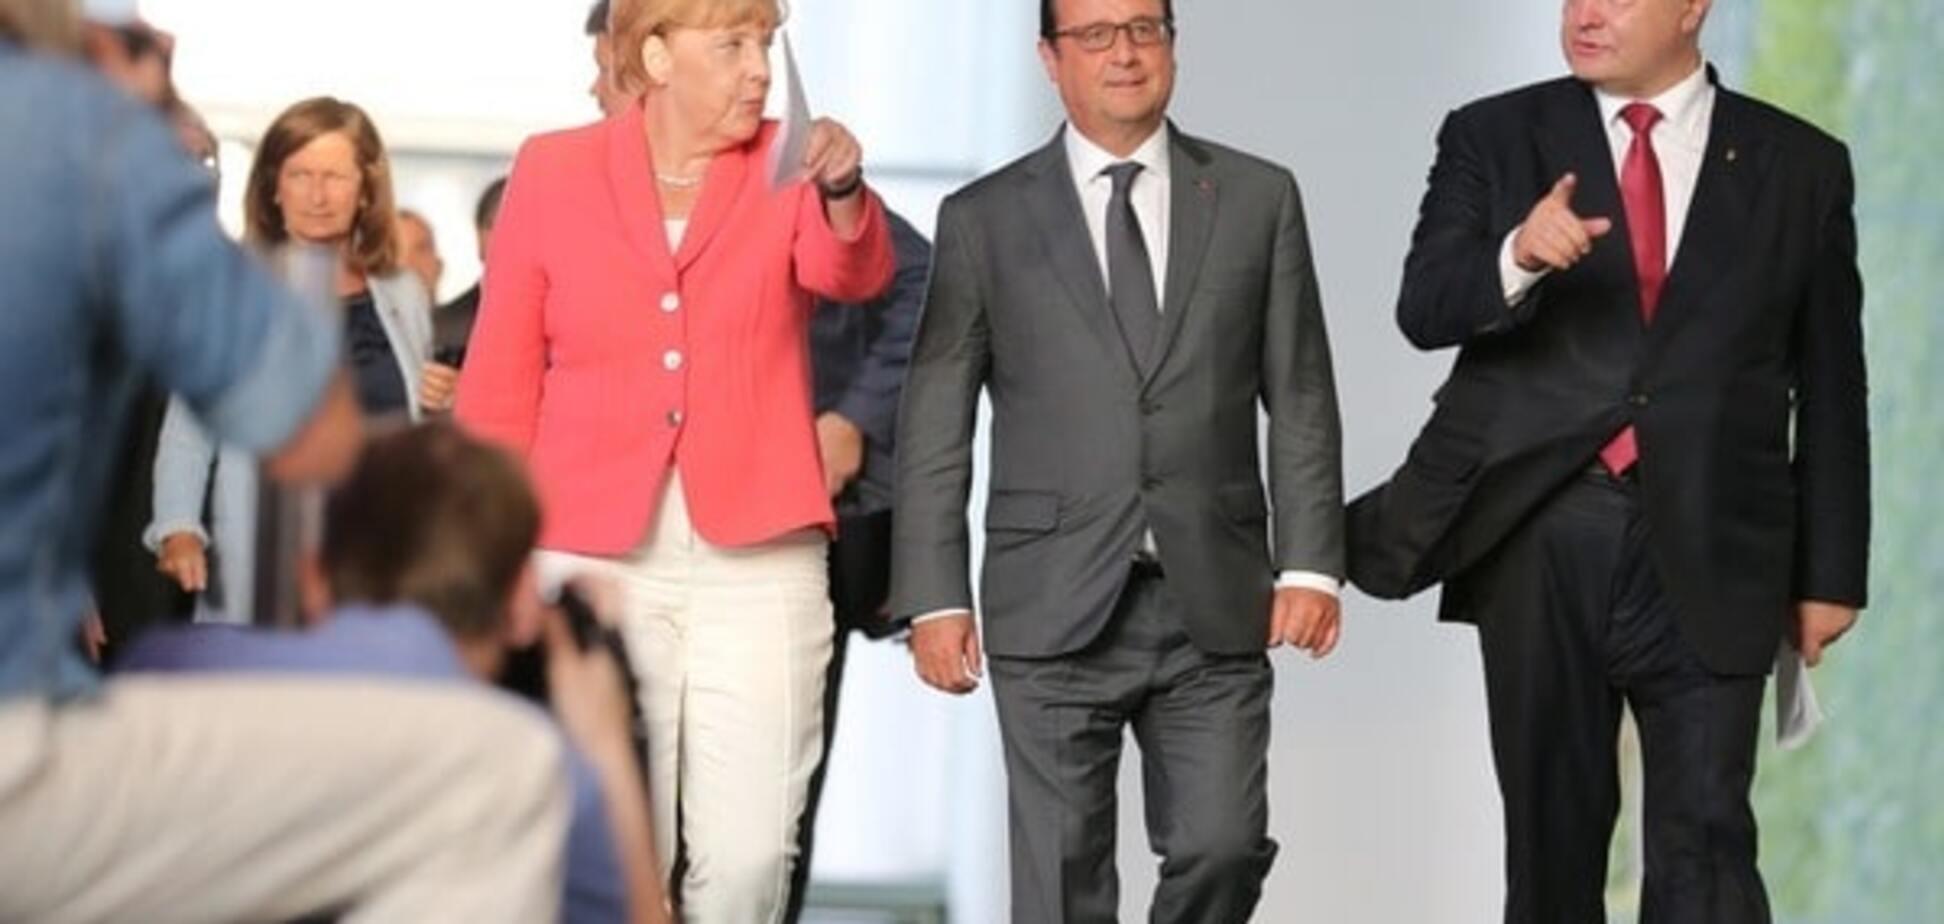 Ангела Меркель, Франсуа Олланд, Петр Порошенко